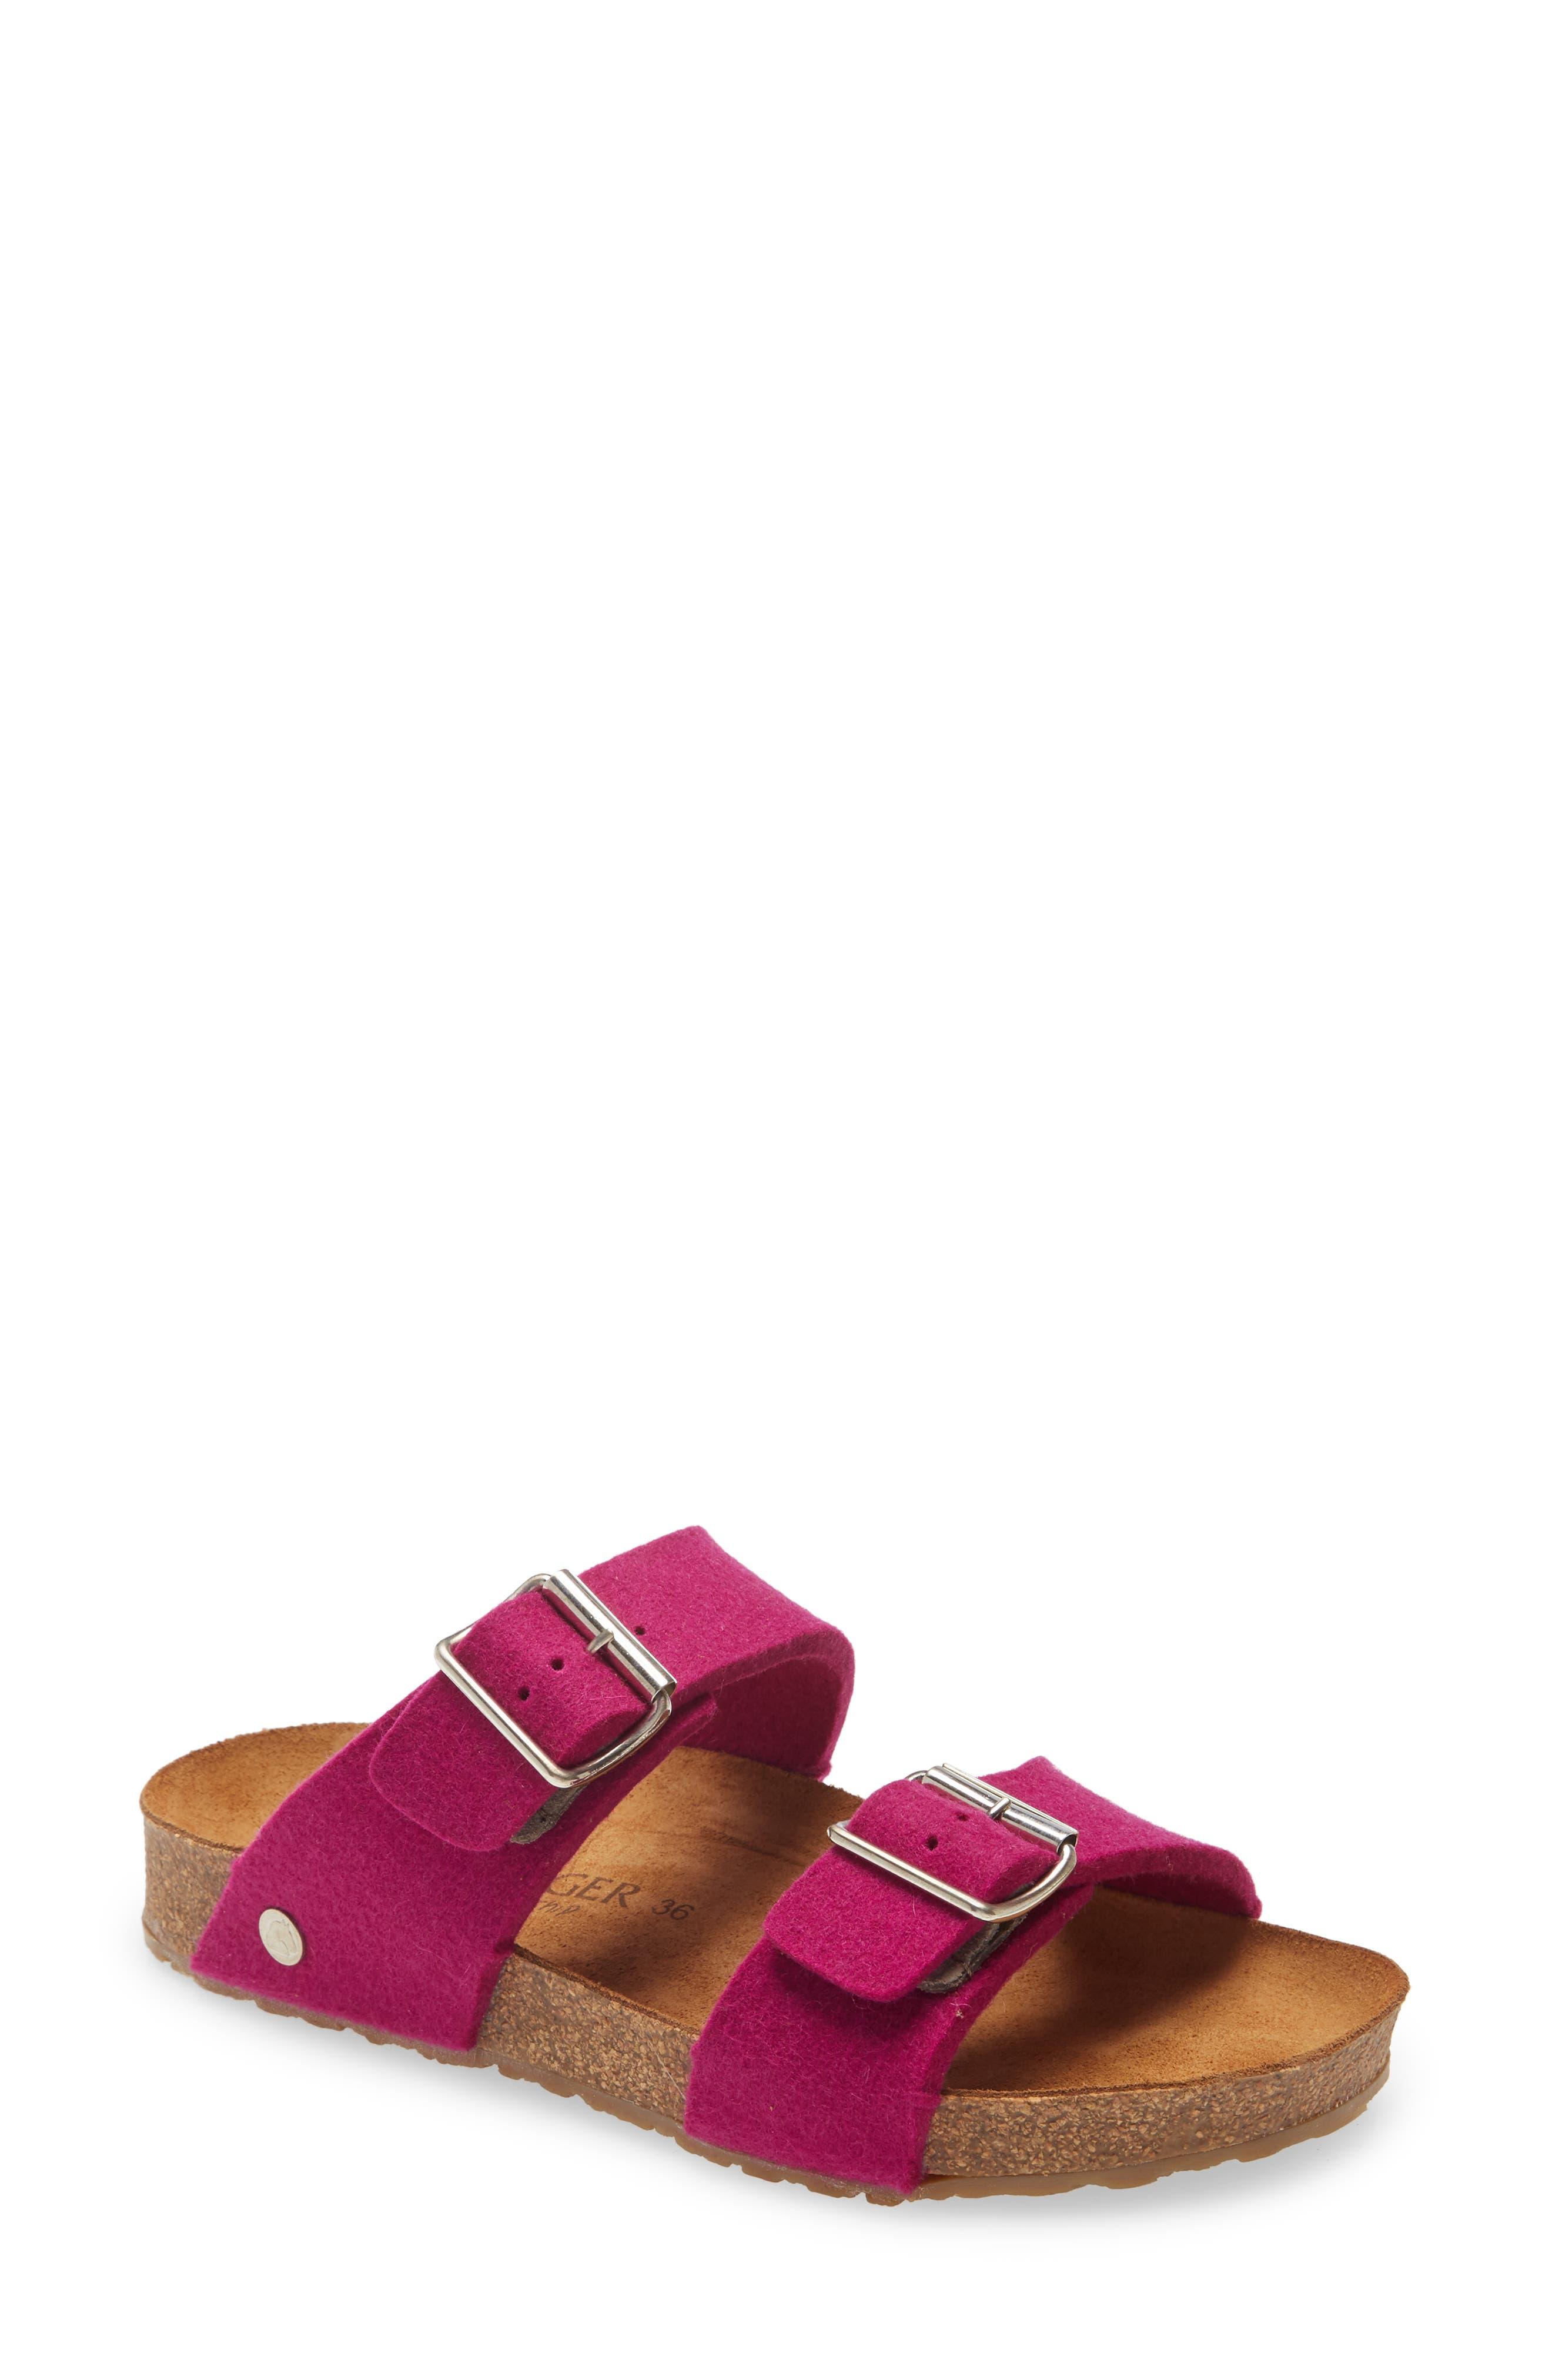 Image of HAFLINGER Anabel Slide Sandal